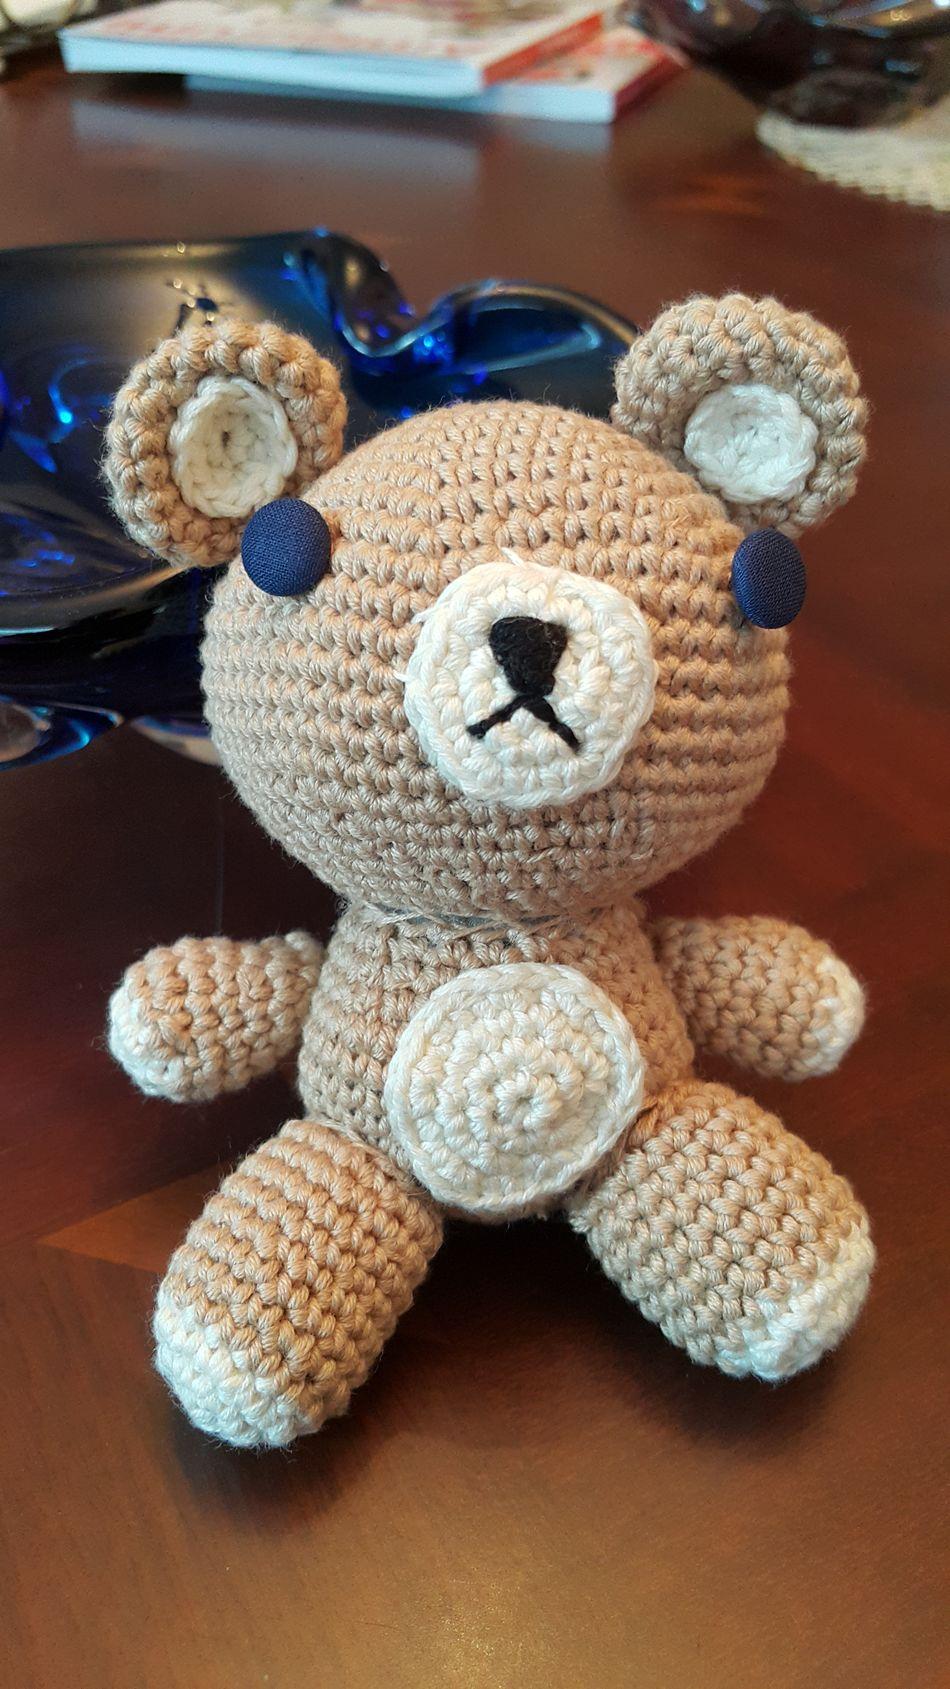 Amigurumi Crochet Teddybear Tedybear Toy Handmade Toy Bear Cotton Wool Bamboo Wool